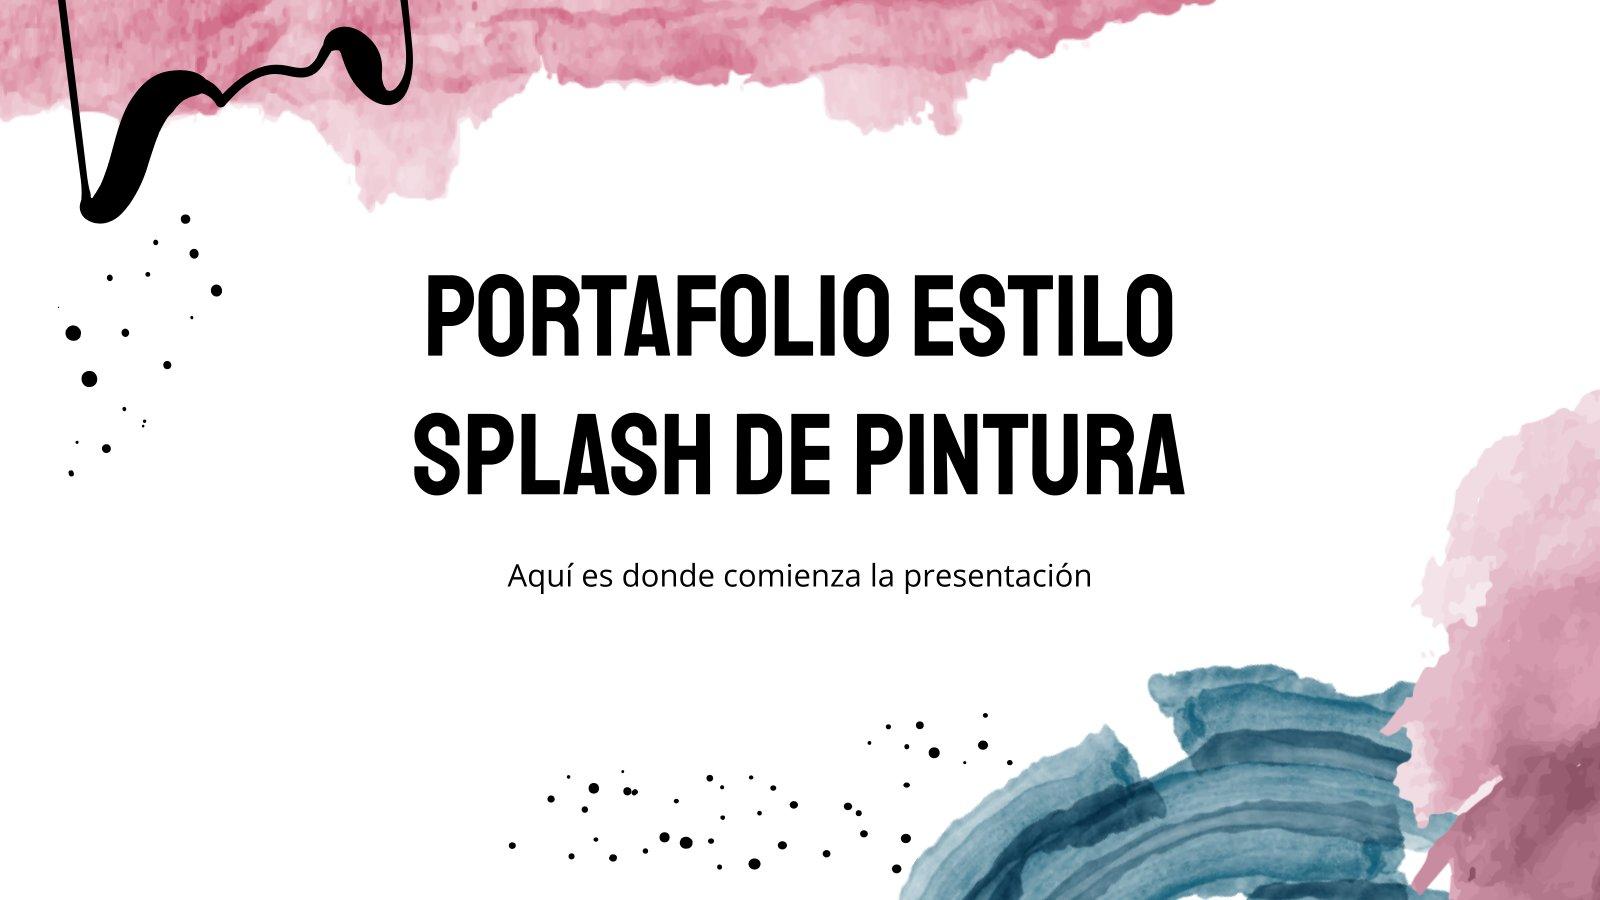 Plantilla de presentación Portafolio estilo splash de pintura